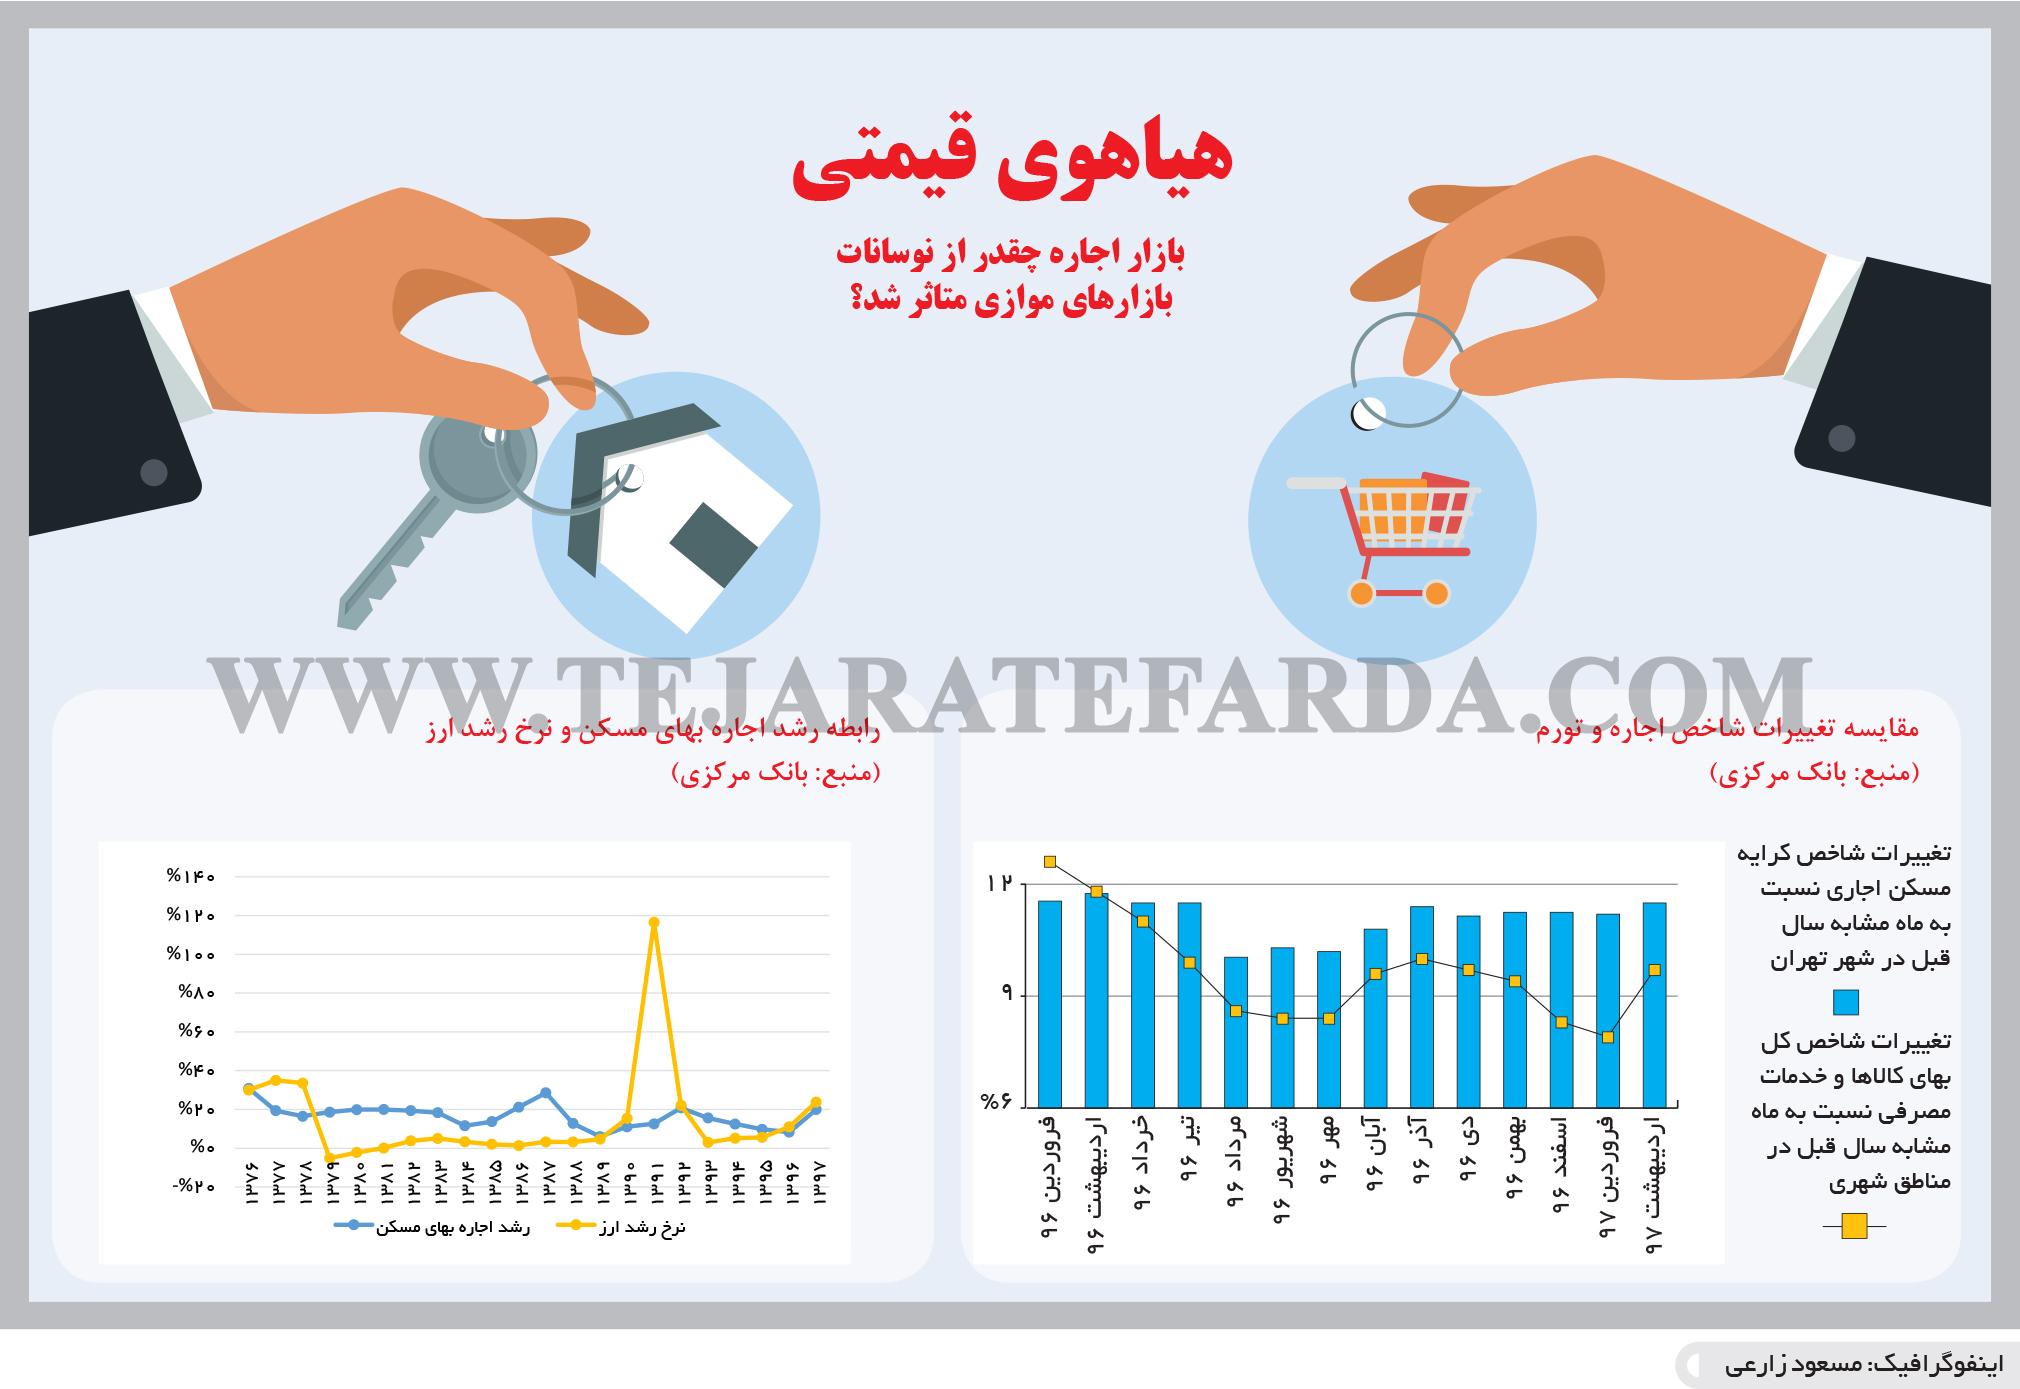 تجارت- فردا- هیاهوی قیمتی(اینفوگرافیک)